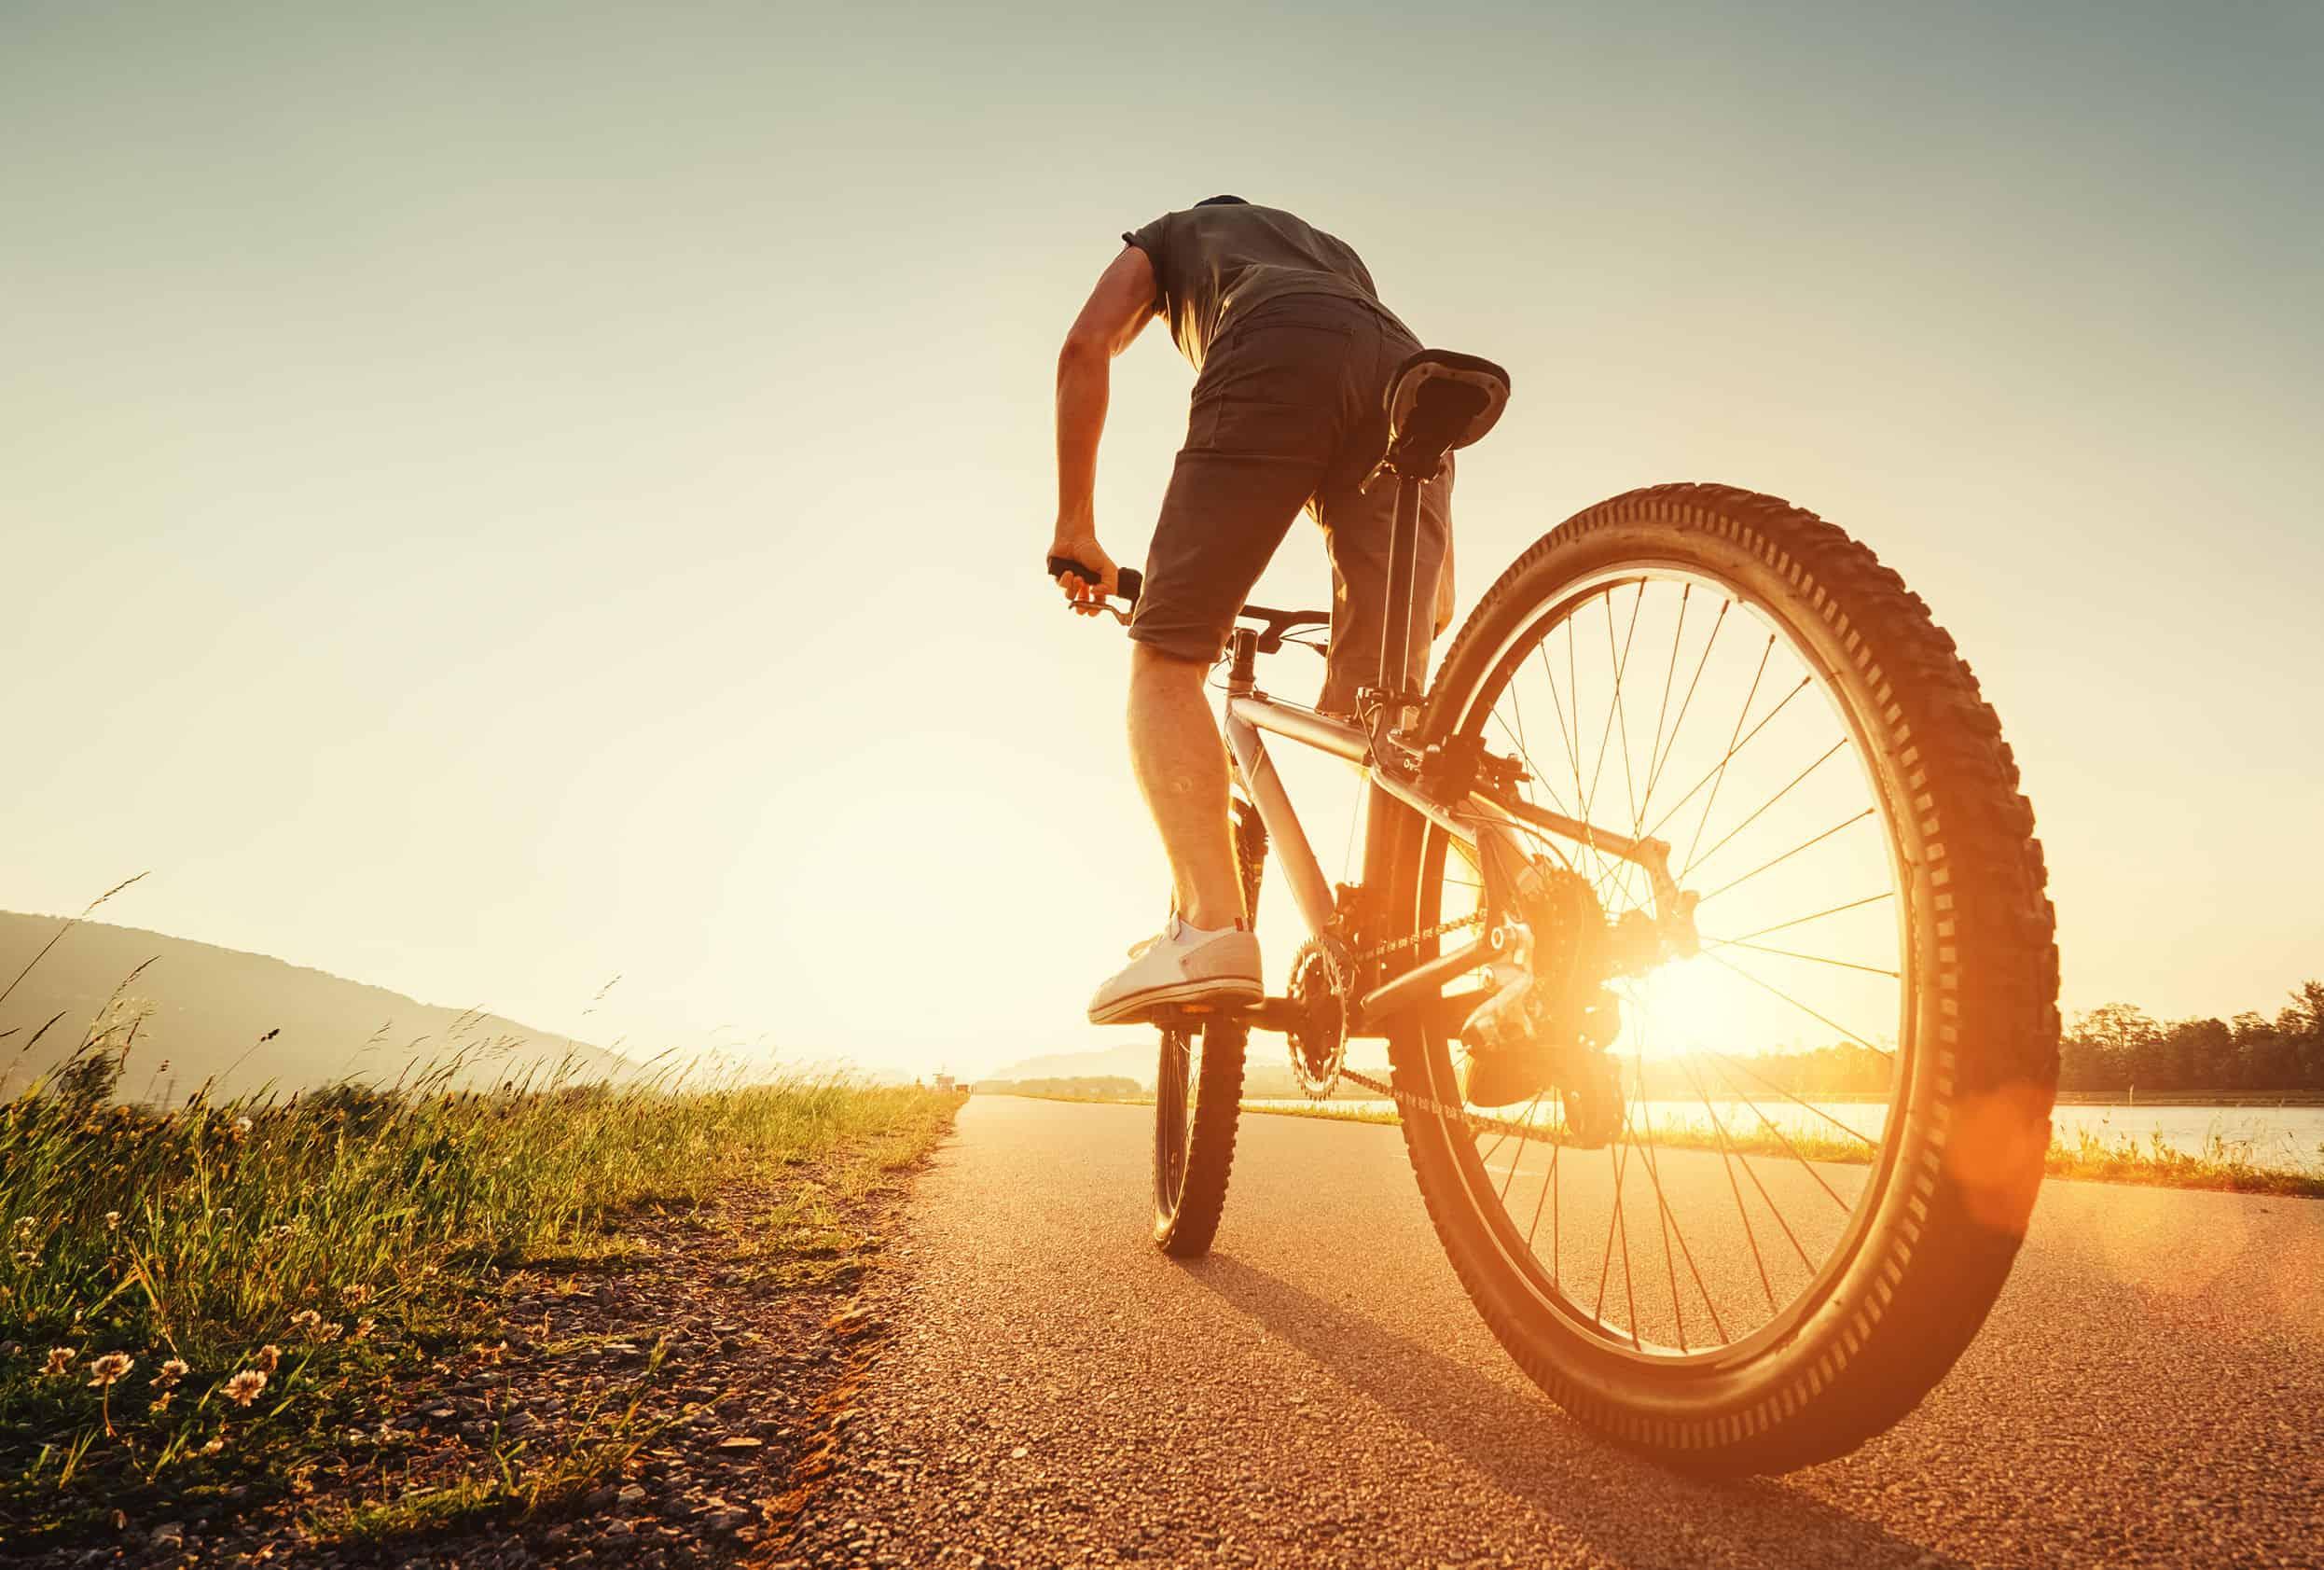 Bicicleta barata: Como escolher o melhor custo-benefício em 2020